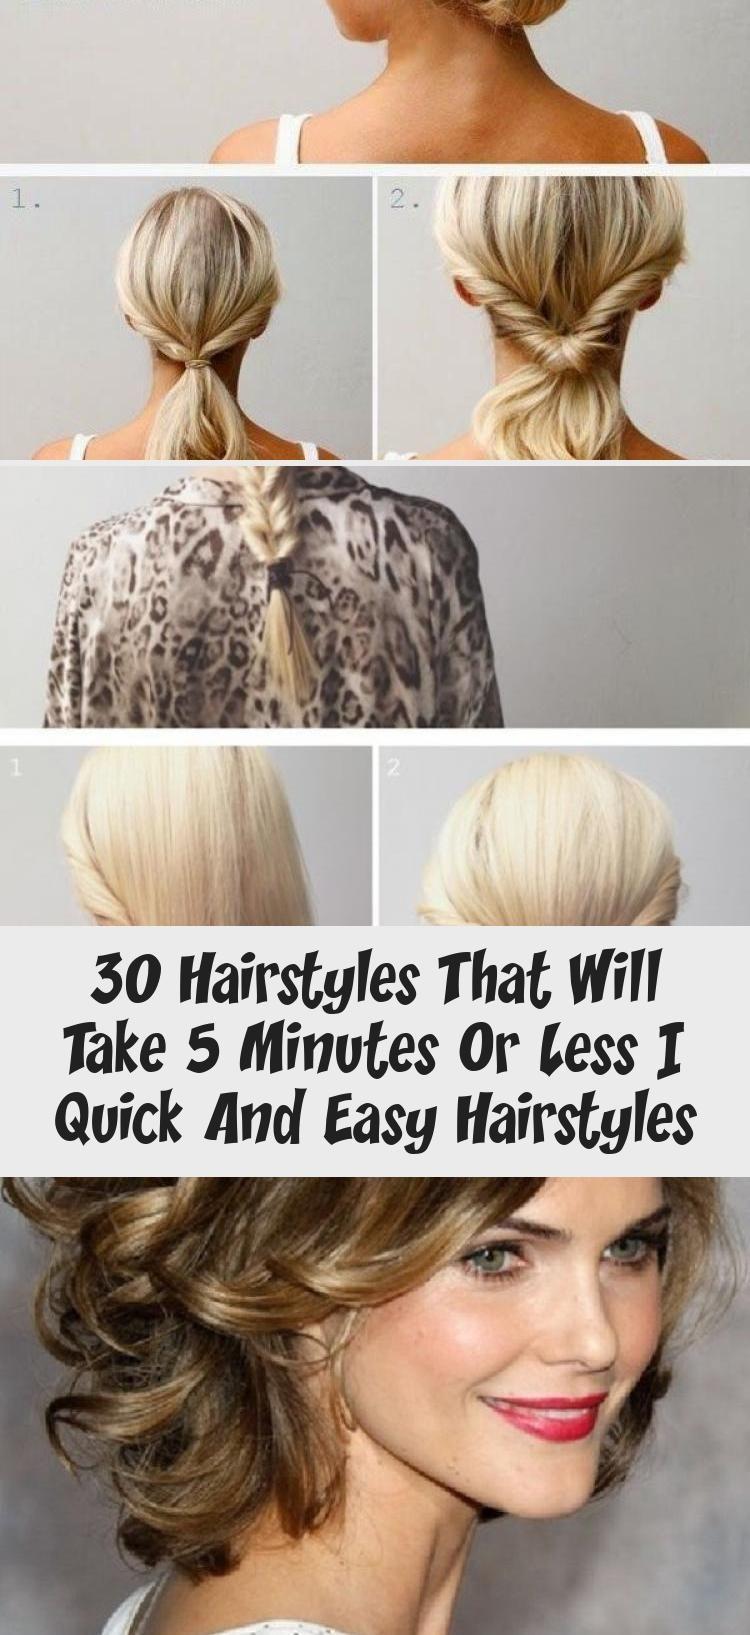 30 Frisuren Die 5 Minuten Oder Weniger Dauern Schnelle Und Einfache Frisuren Frisur 30 Frisuren Die 5 Minuten O In 2020 30er Frisuren Schnelle Frisuren Frisuren